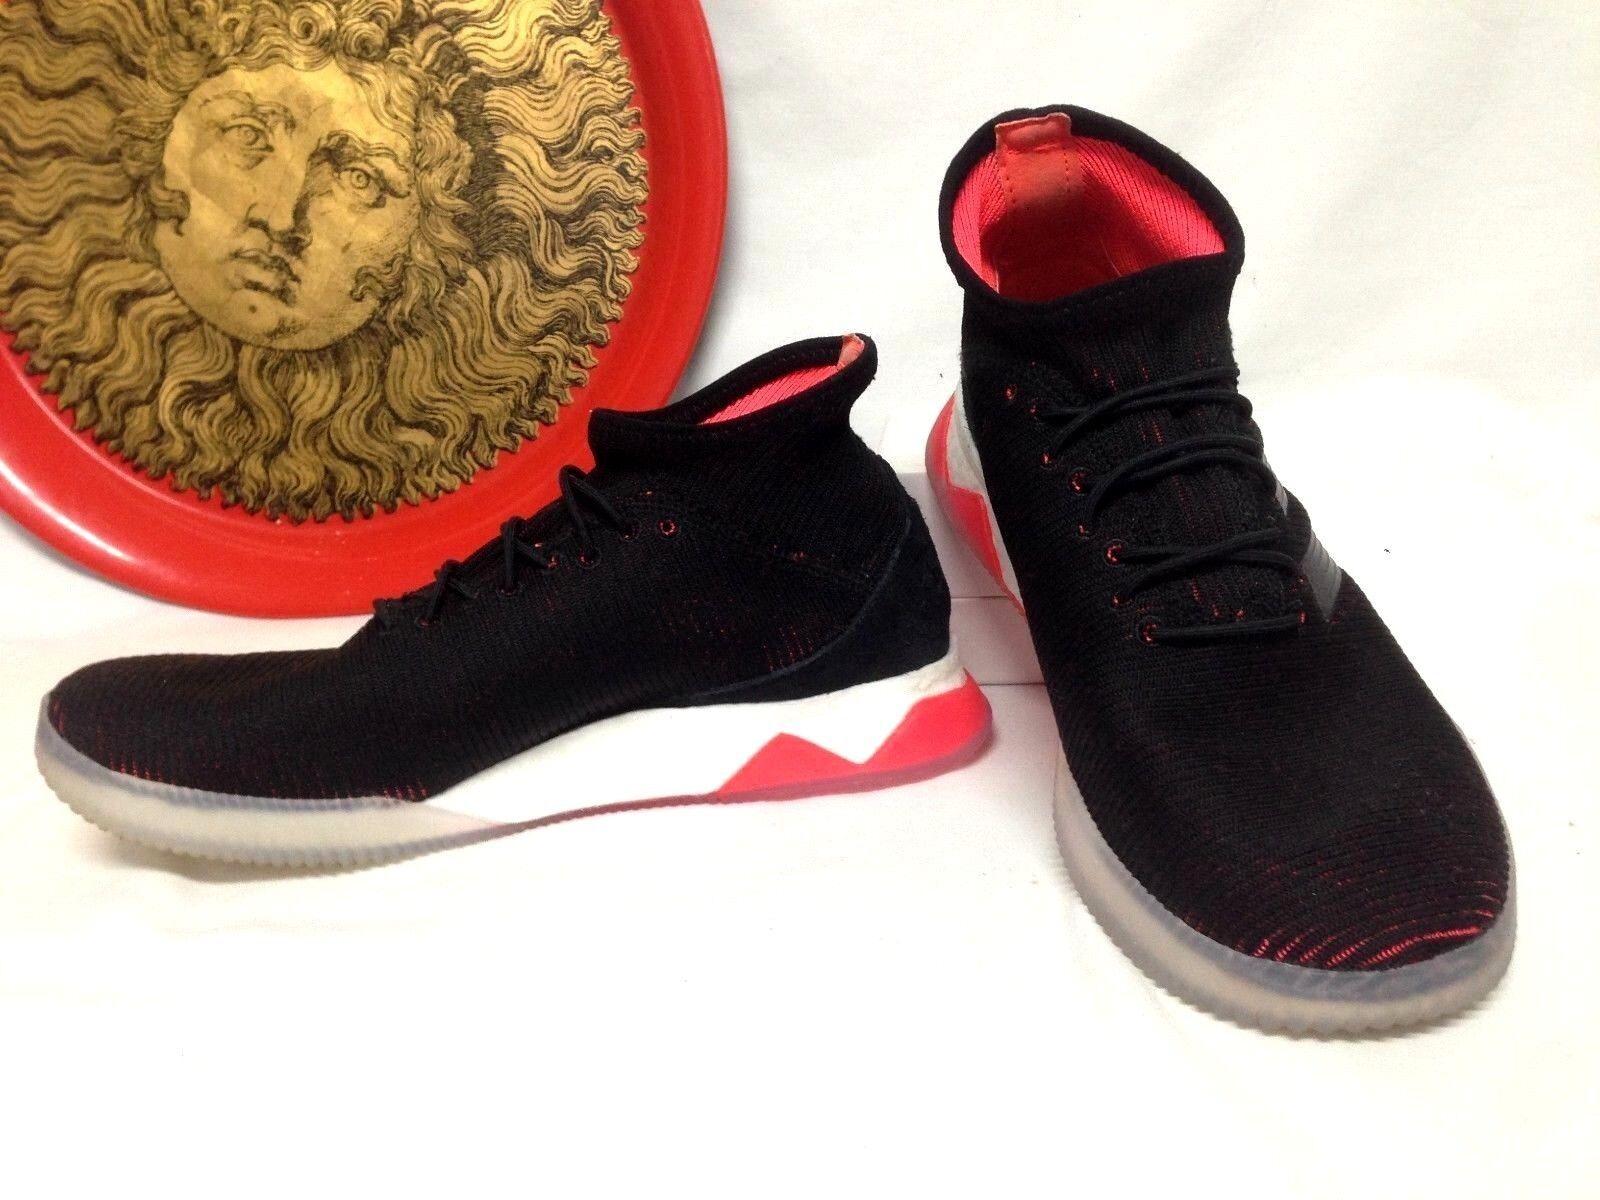 Adidas Tango para hombre Depredador Tango Adidas 18.1 Zapatos Entrenador Correr CP9268 0cc441